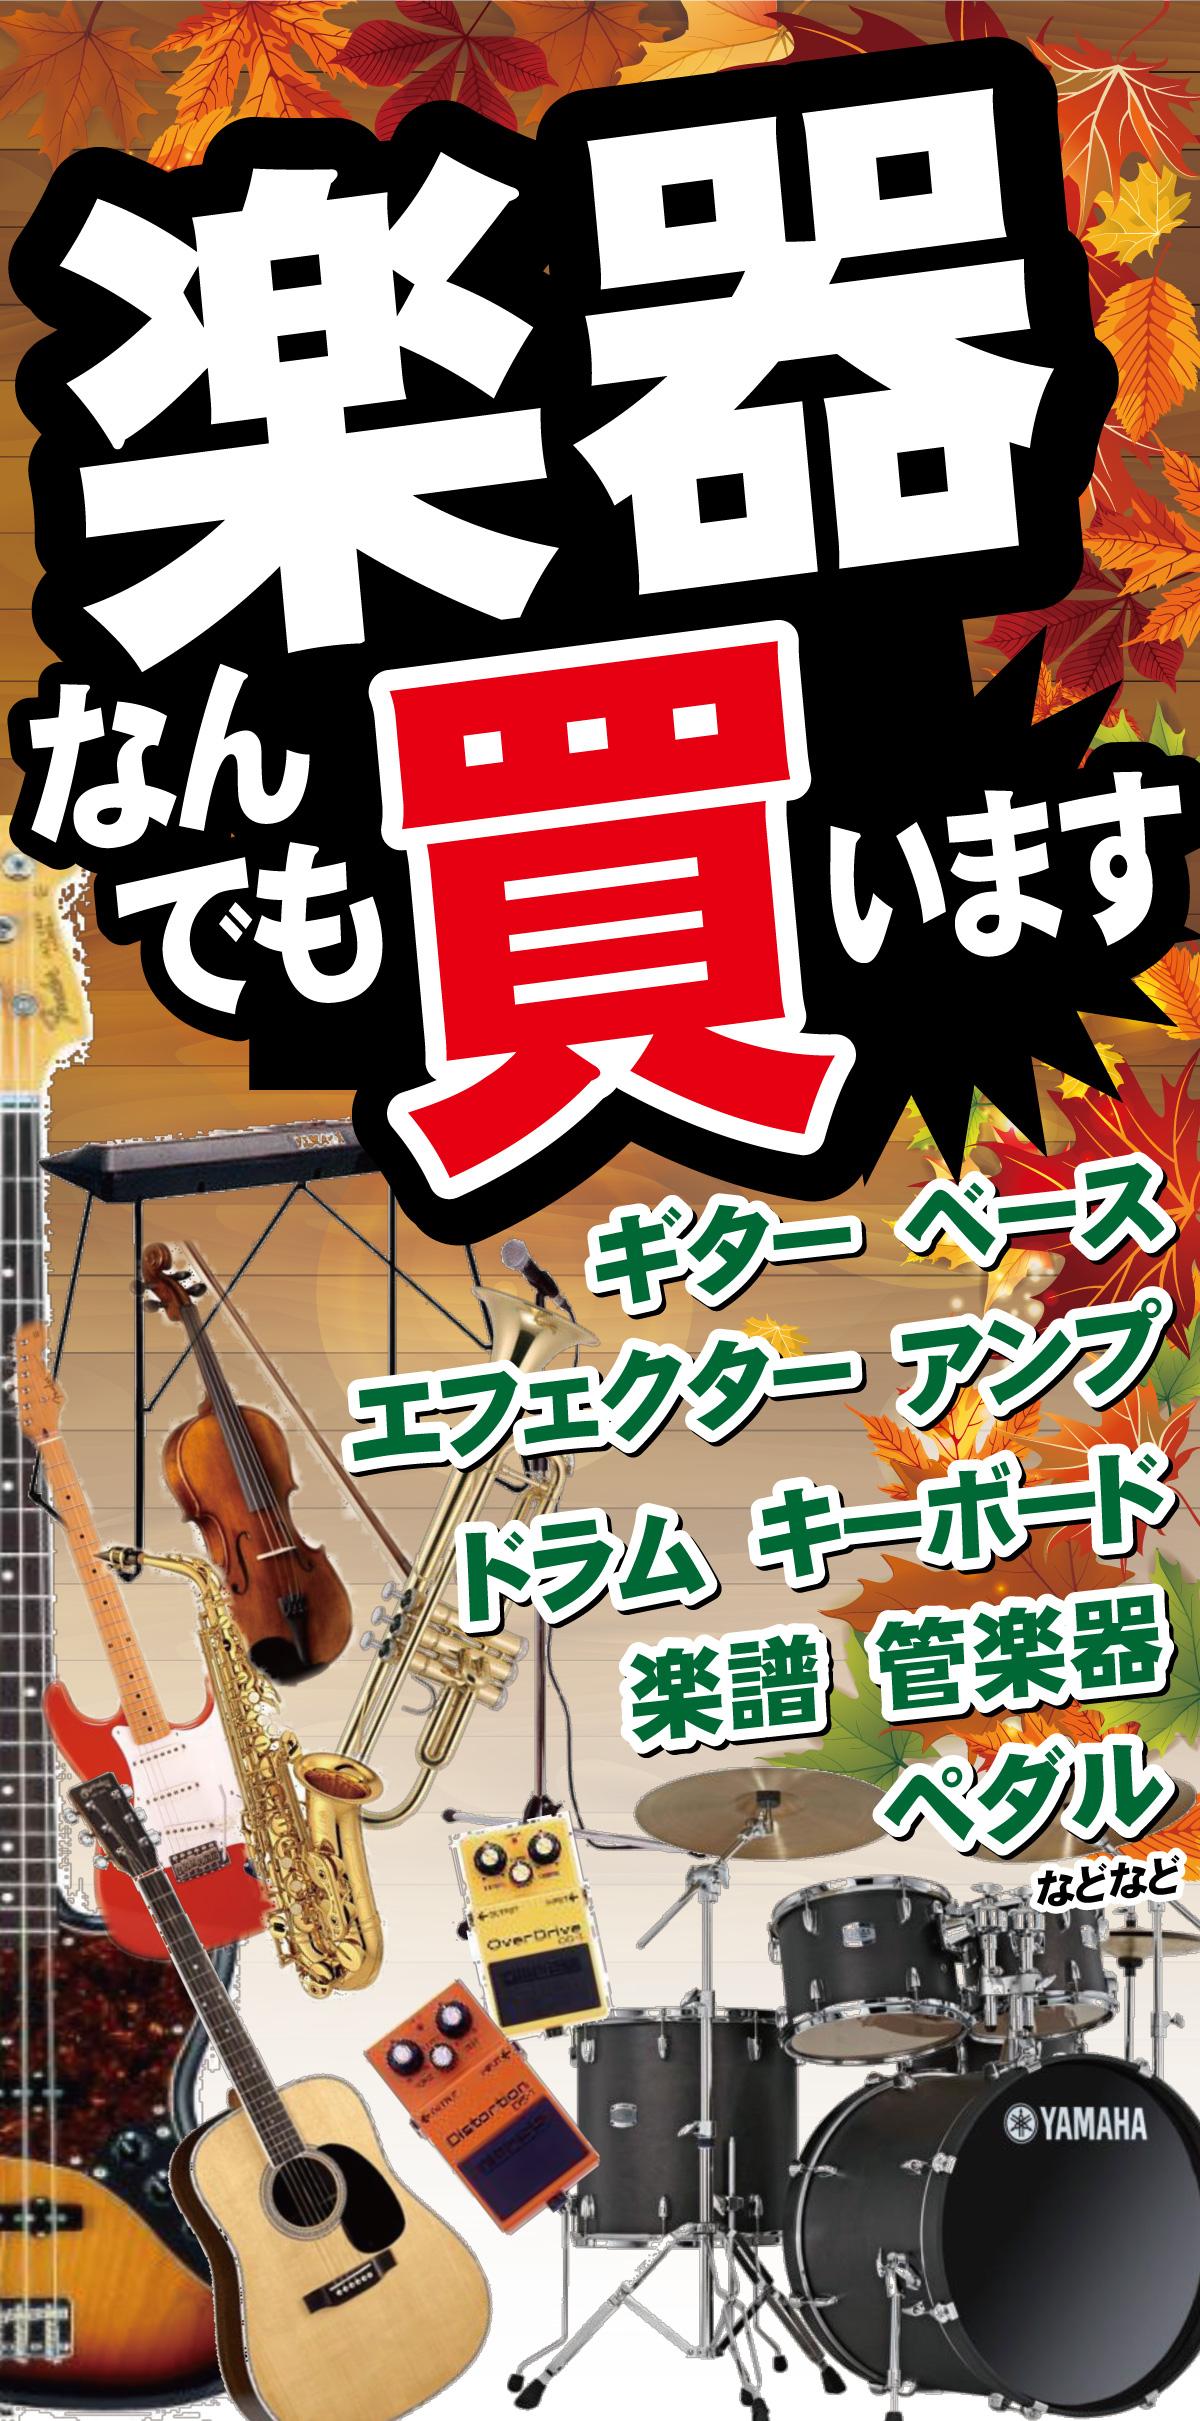 「開放倉庫山城店」古着館<楽器>なんでも買います!ギター、ベース、エフェクター、アンプ、ドラム、キーボード、楽譜、管楽器、ペダルなどなど